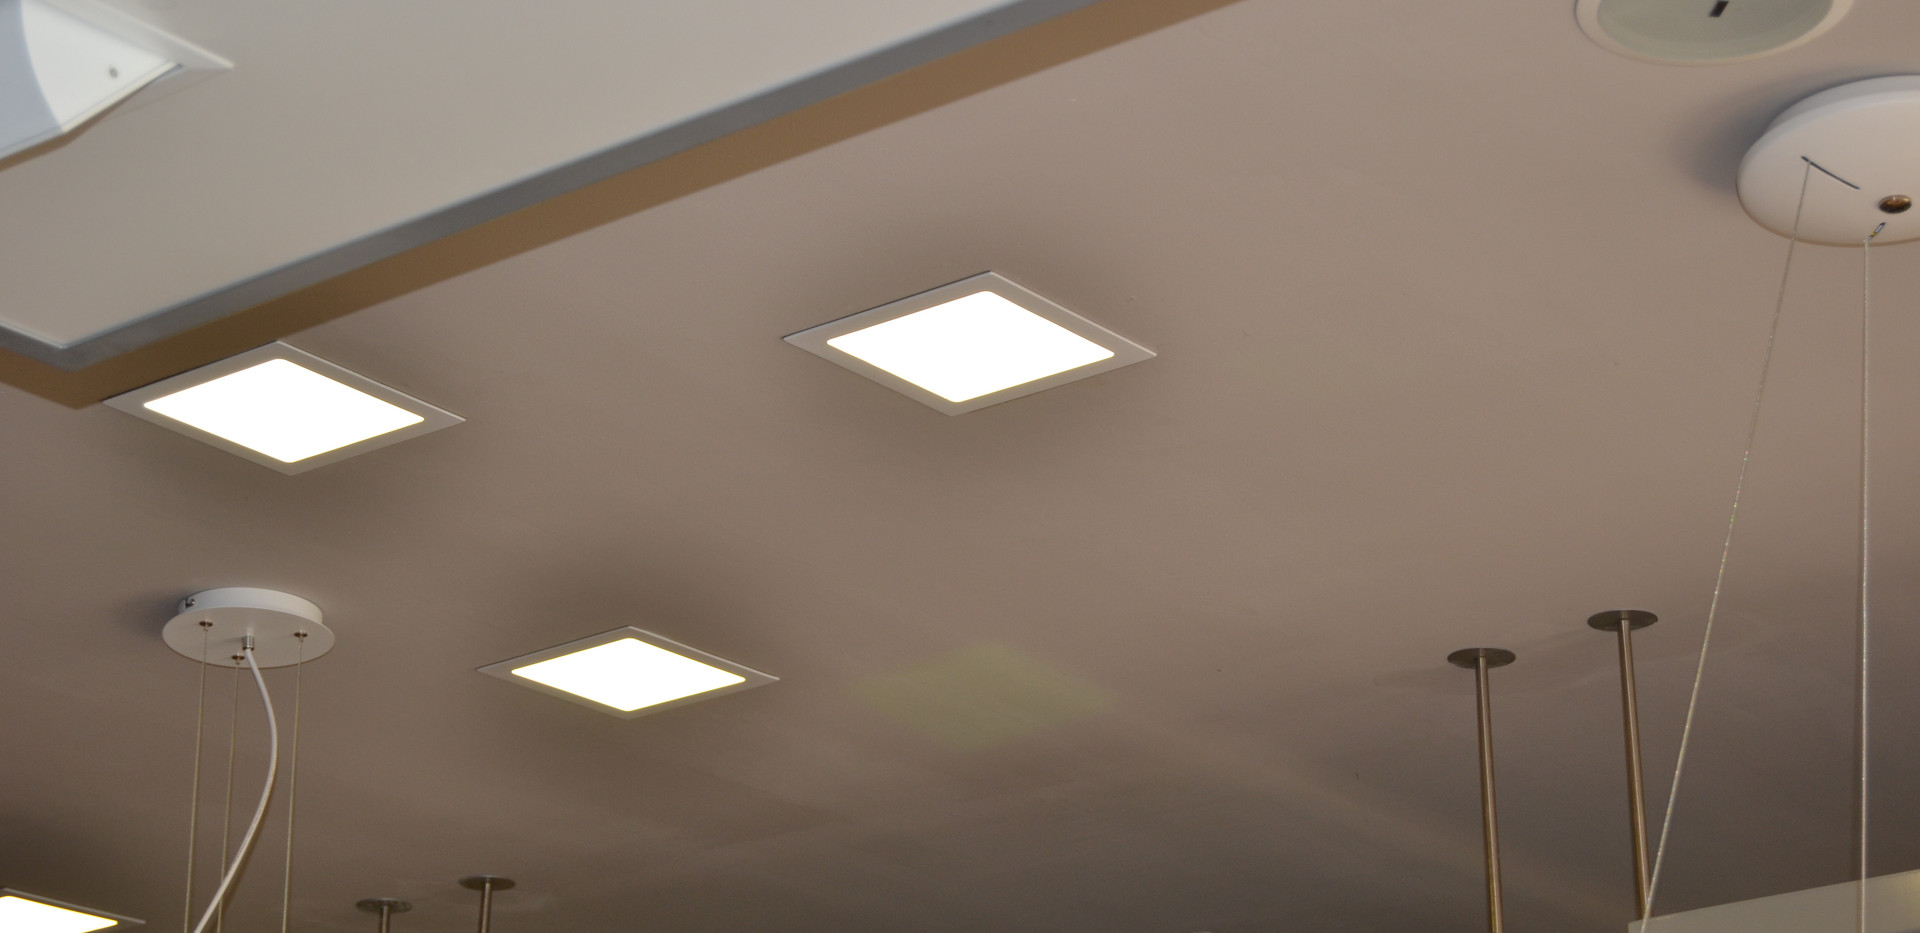 Dalles d'éclairages disponibles chez M.Y. Eclairage